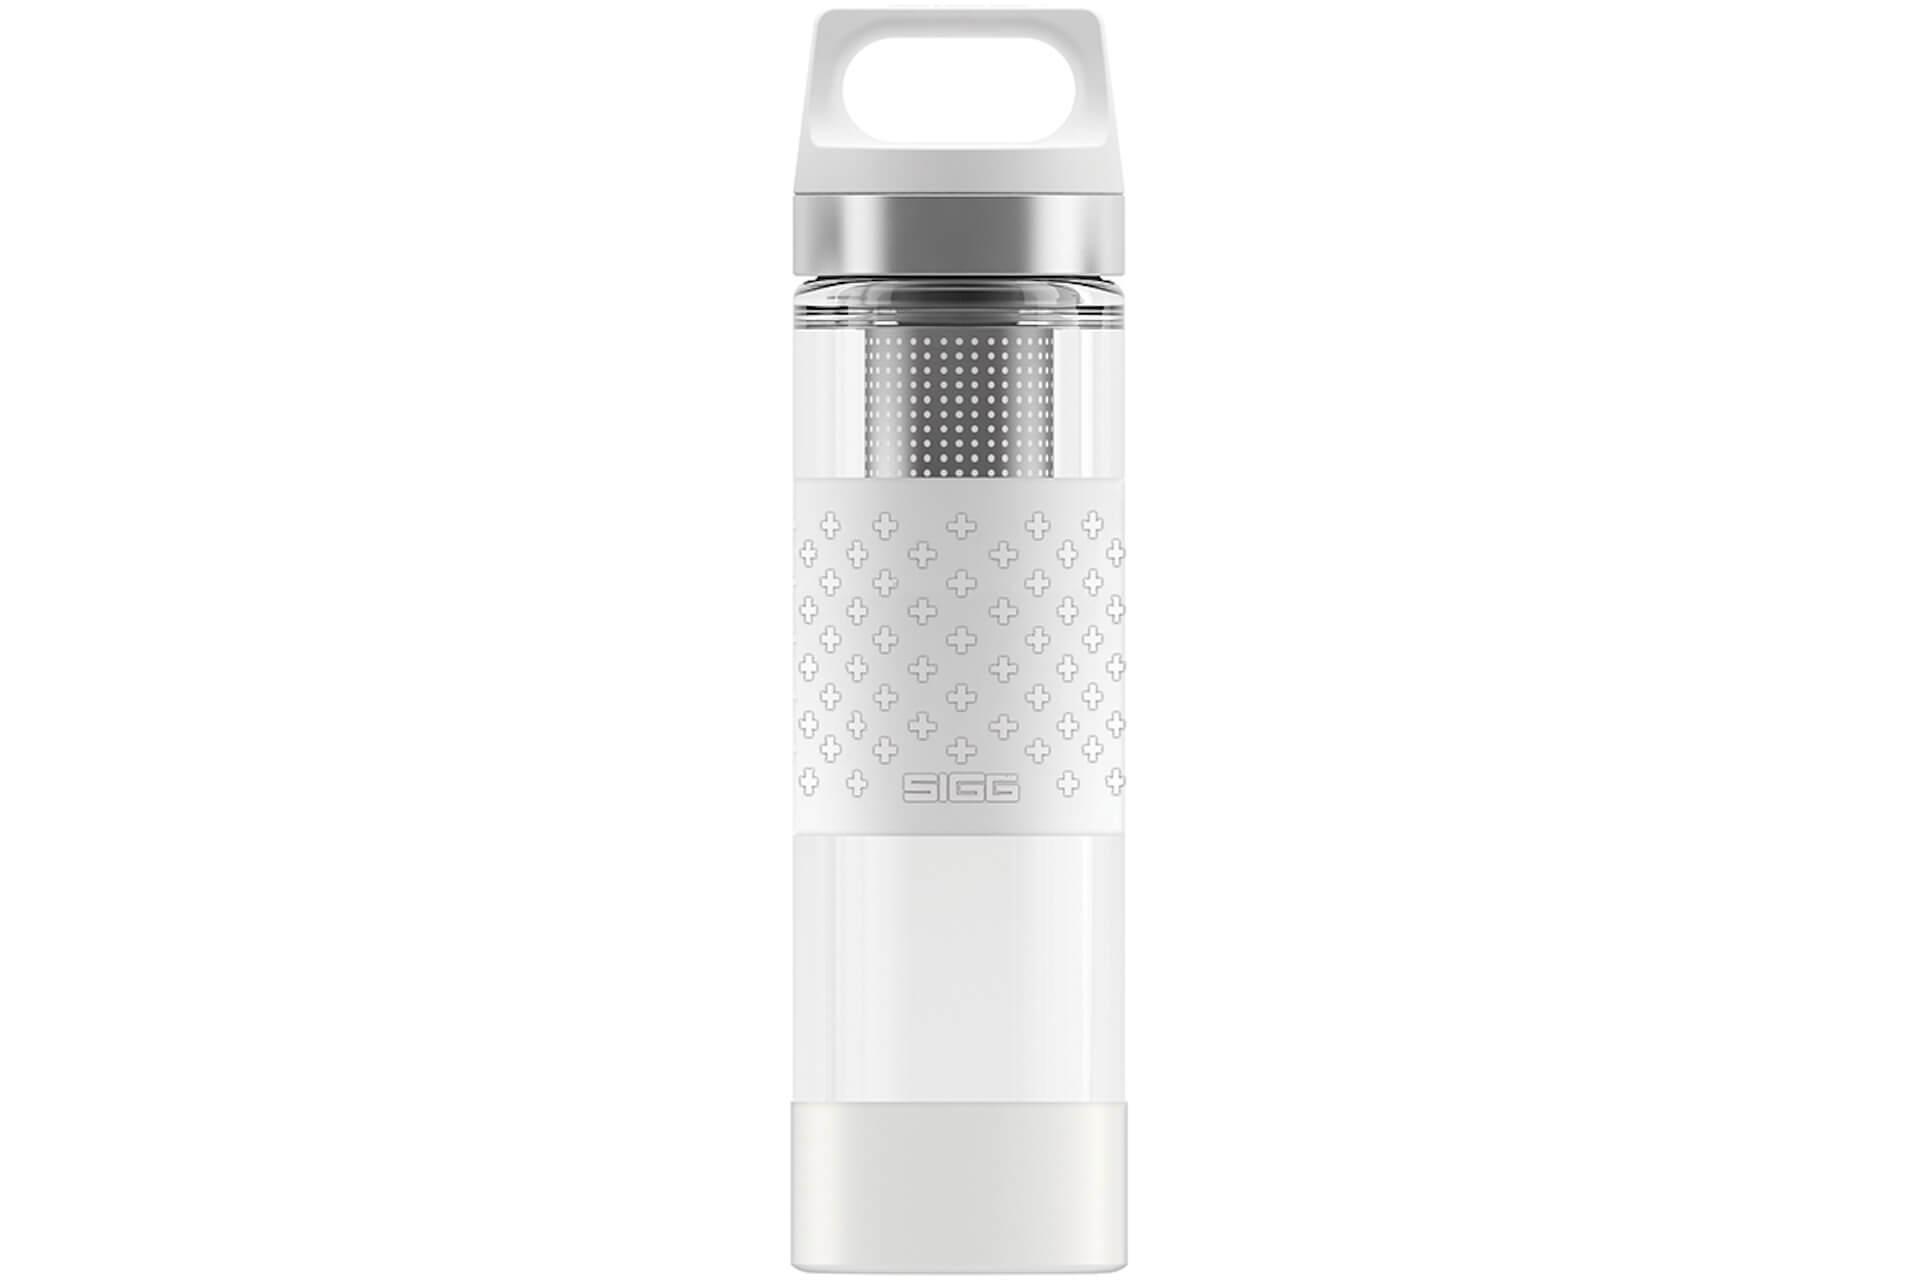 【2020年・最新おすすめ水筒21選!】スリムから大容量まで、機能性とデザイン性を兼ね備えたおしゃれボトルを厳選! tech200730_jeep_bottle_9